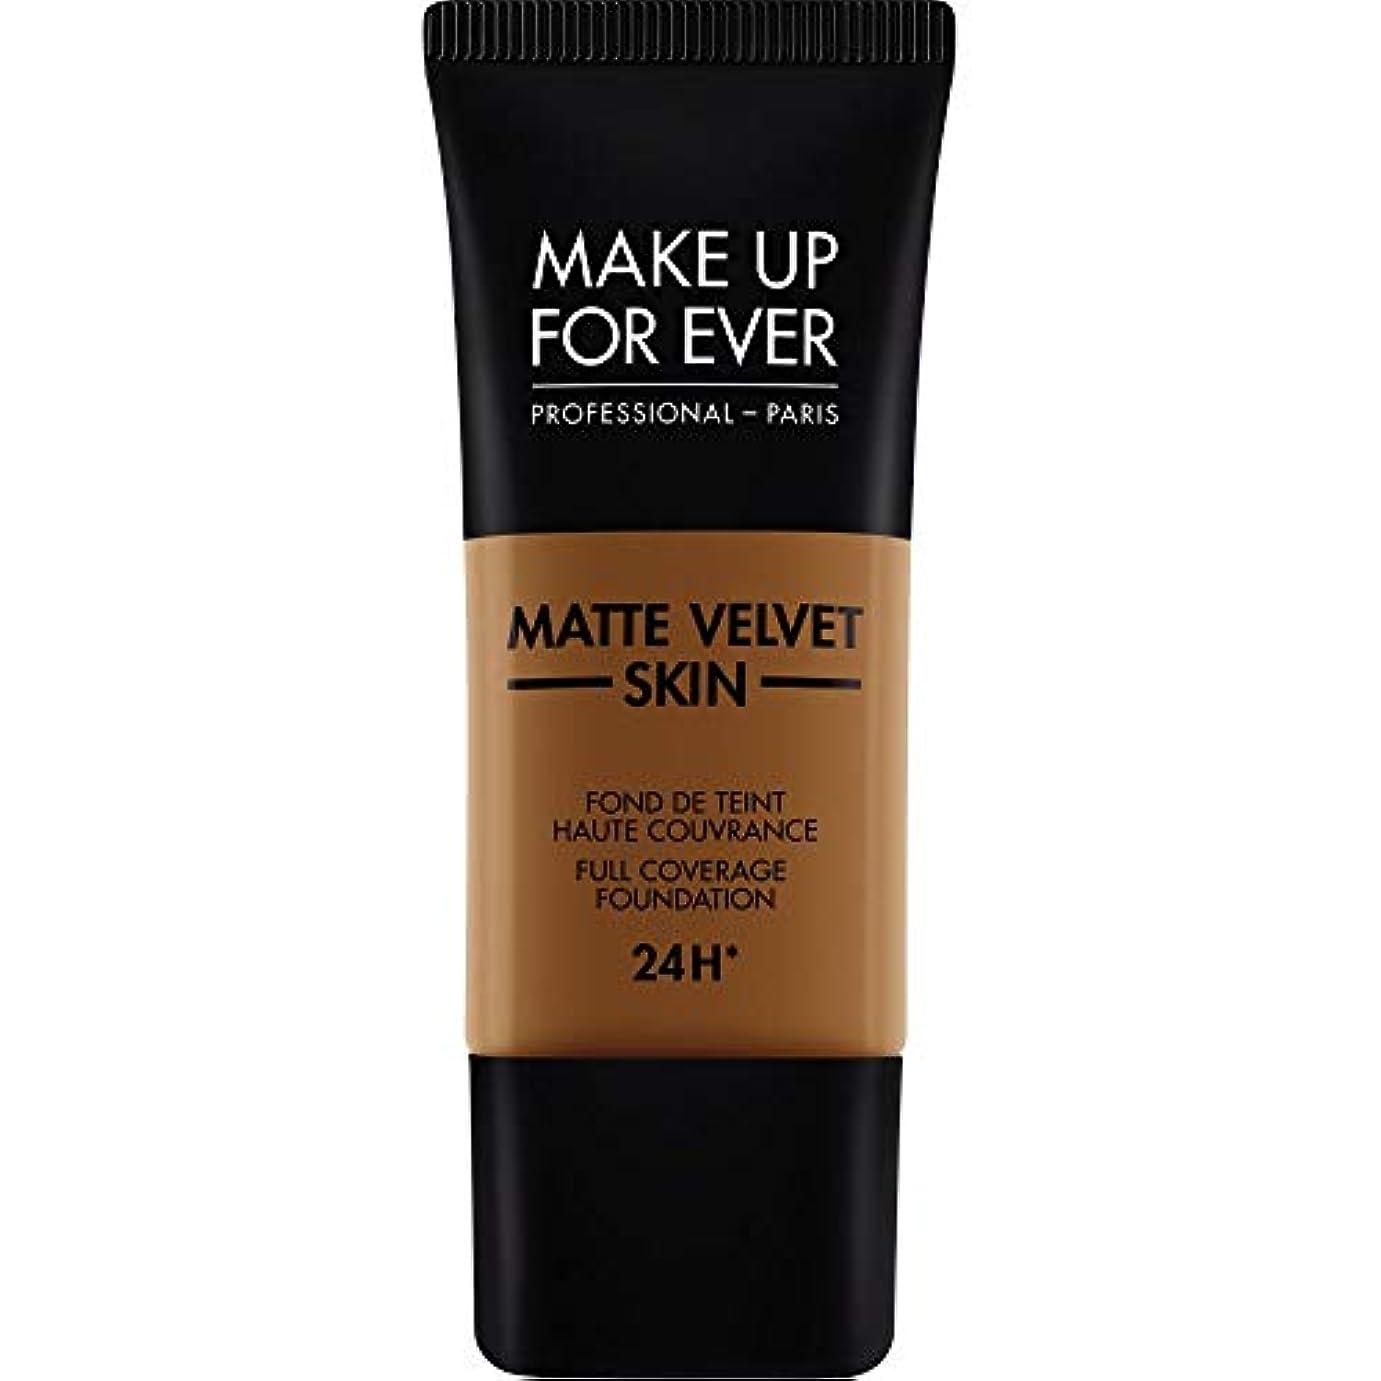 心配火炎歯科の[MAKE UP FOR EVER] これまでマットベルベットの皮膚のフルカバレッジ基礎30ミリリットルのR530を補う - ブラウン - MAKE UP FOR EVER Matte Velvet Skin Full Coverage Foundation 30ml R530 - Brown [並行輸入品]